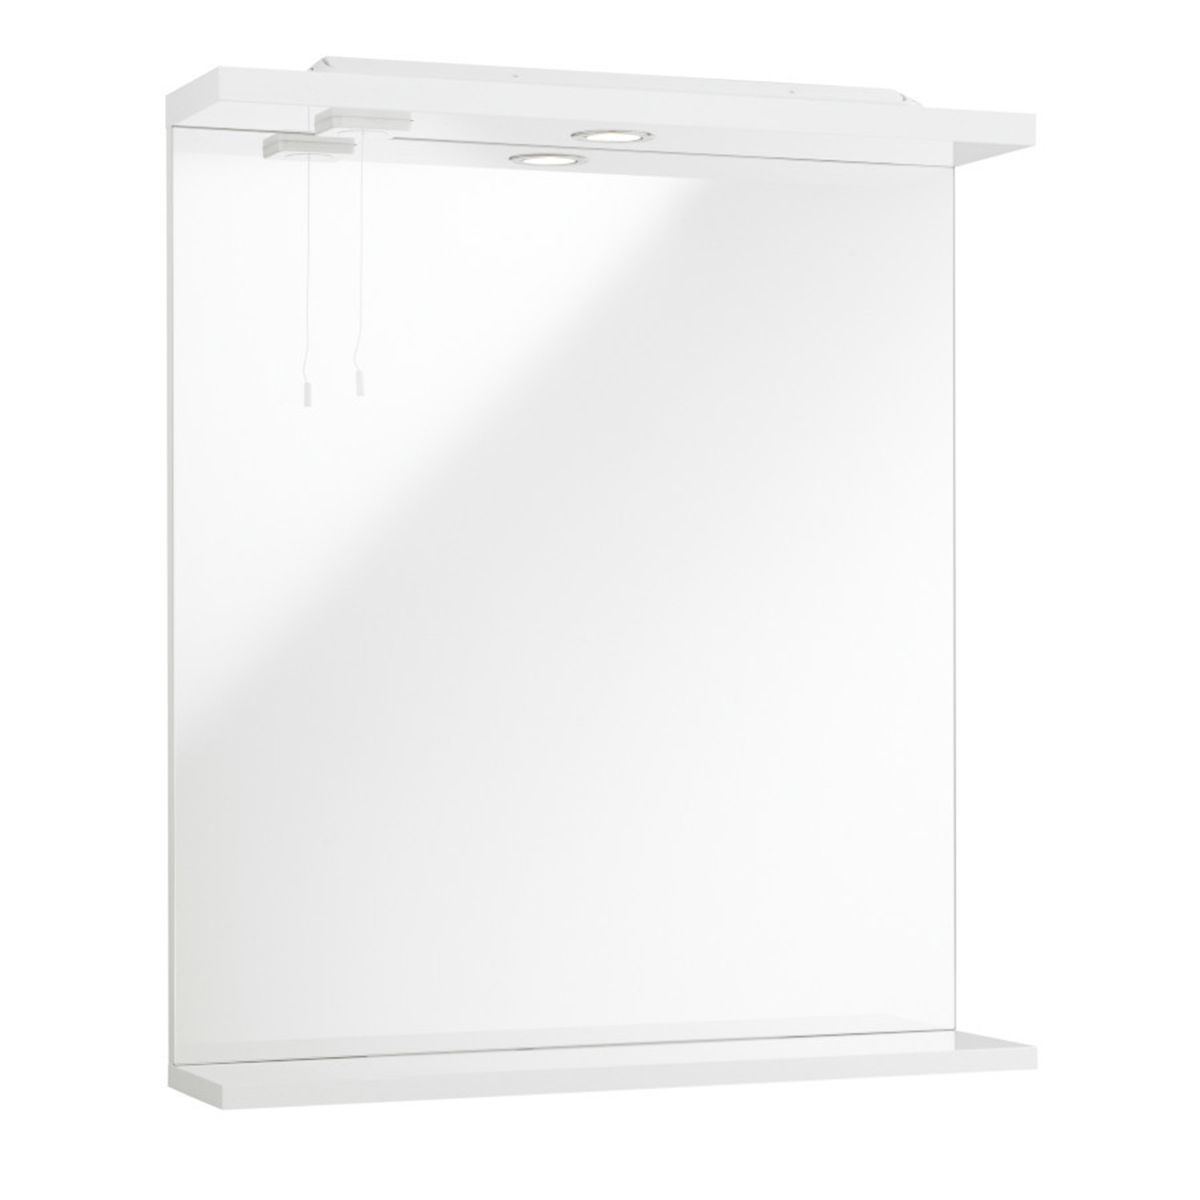 Kartell Encore White Mirror and Light 550mm